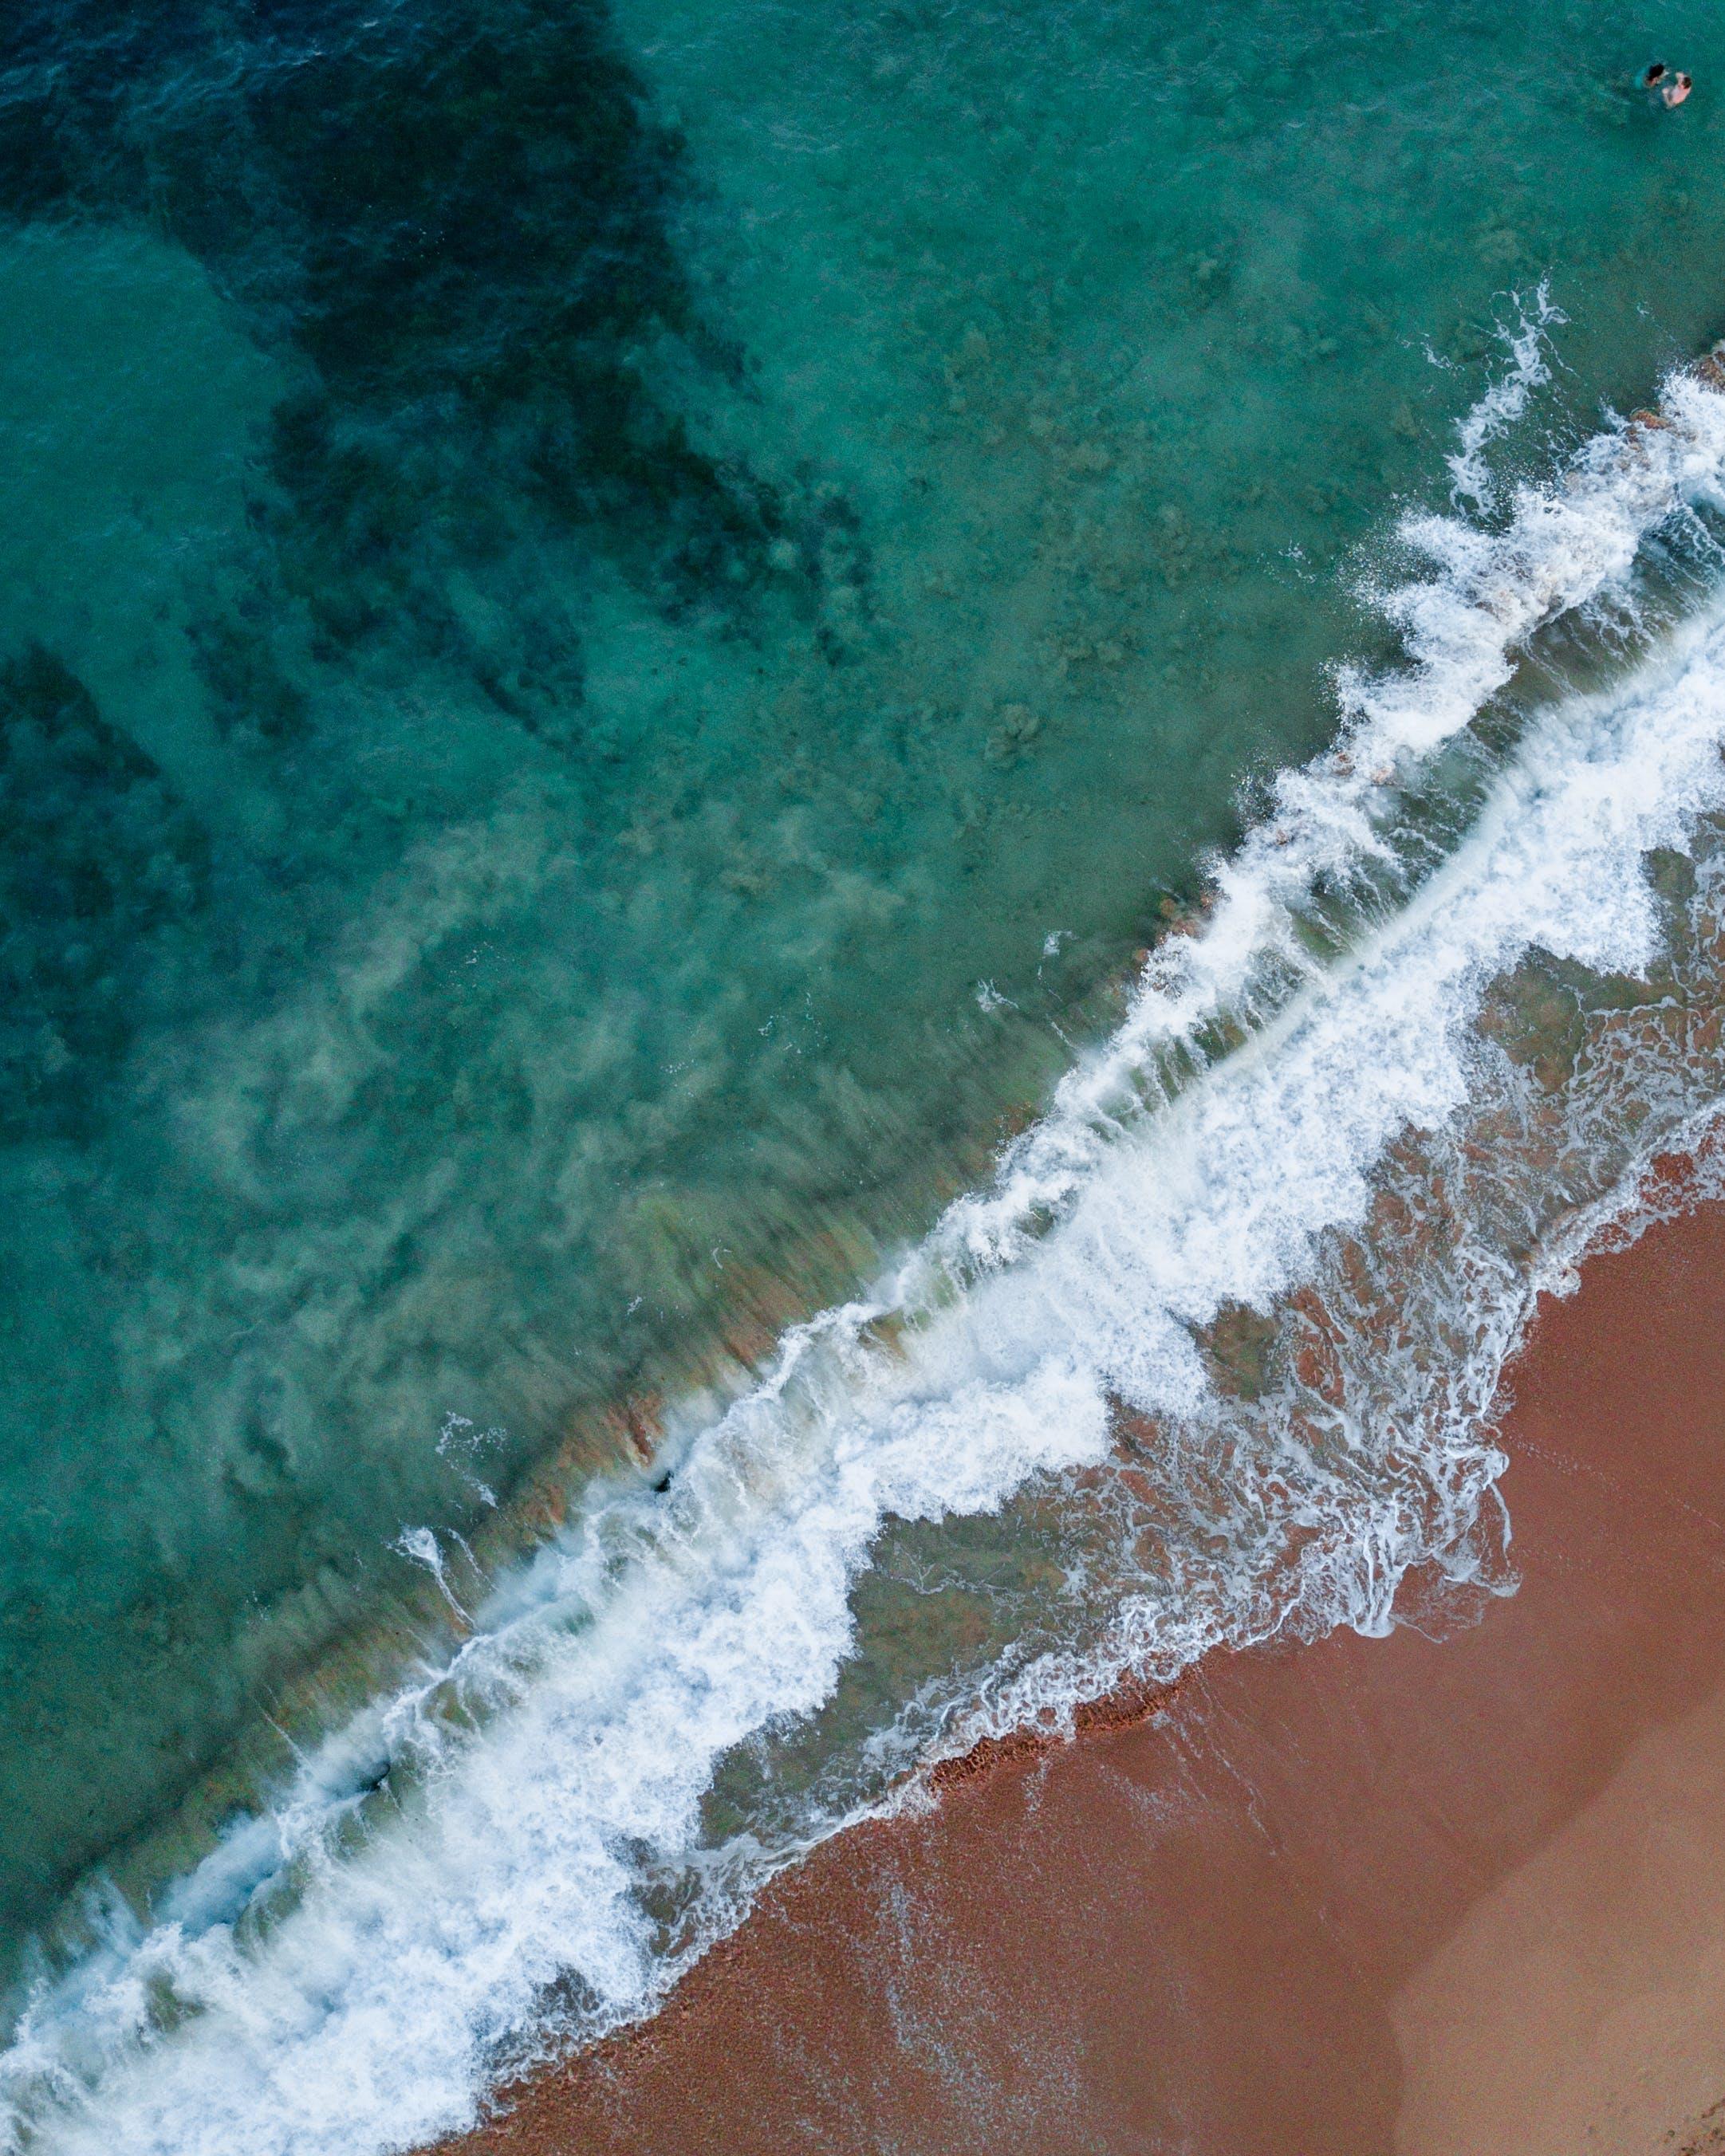 High Angle Photo of Seashore